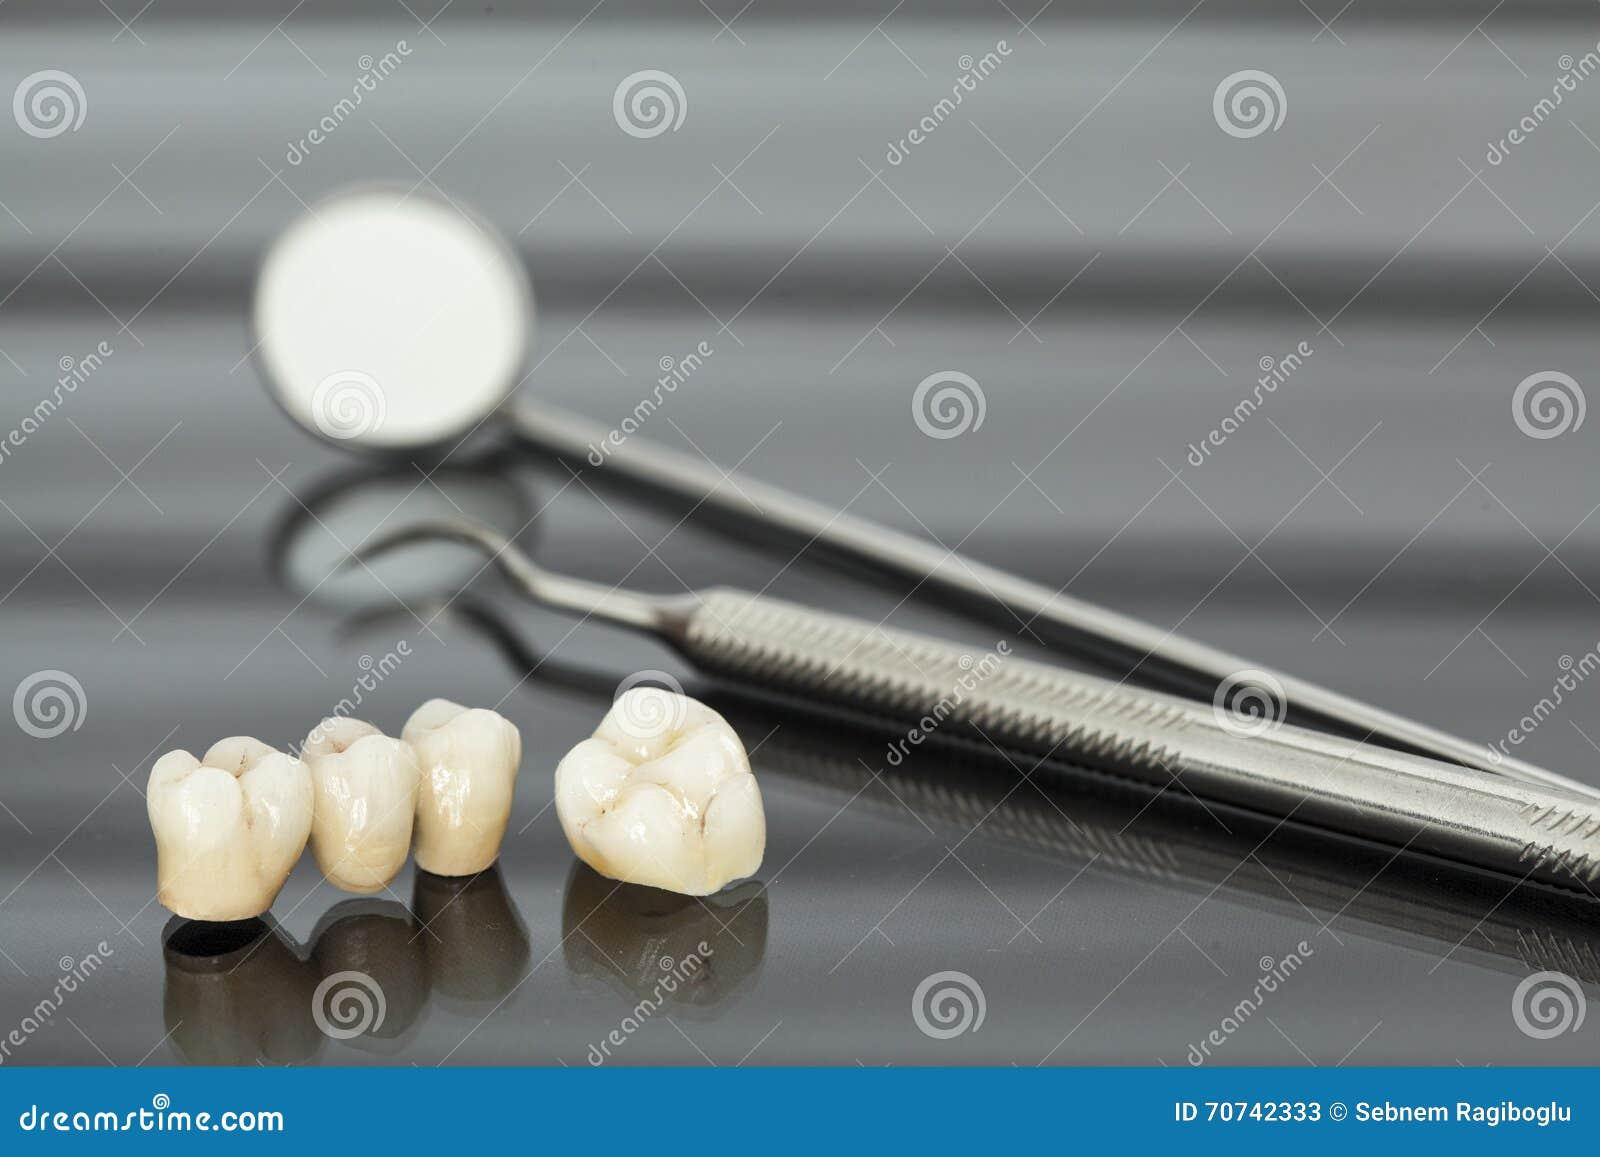 Soins de santé dentaires